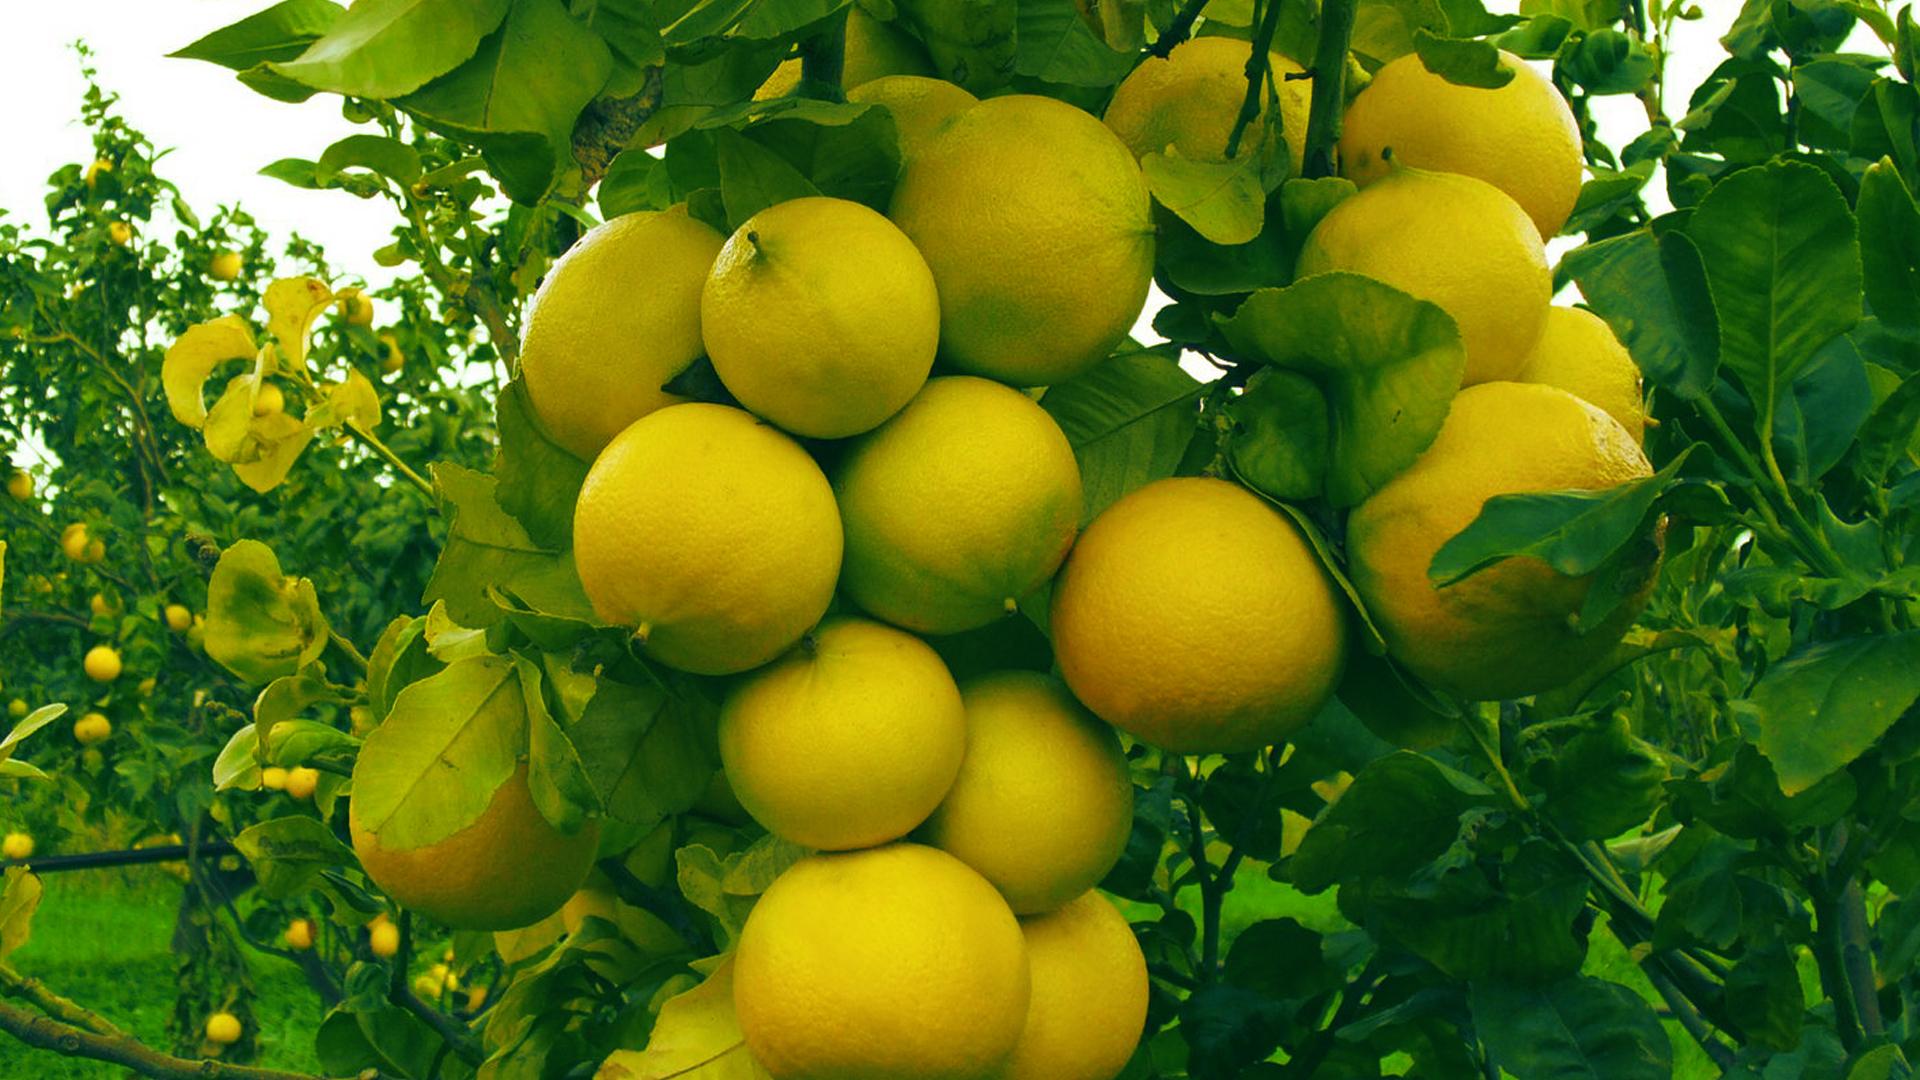 bergamotto, bergamotto di calabria, arancia, mandarino, succhi di frutta